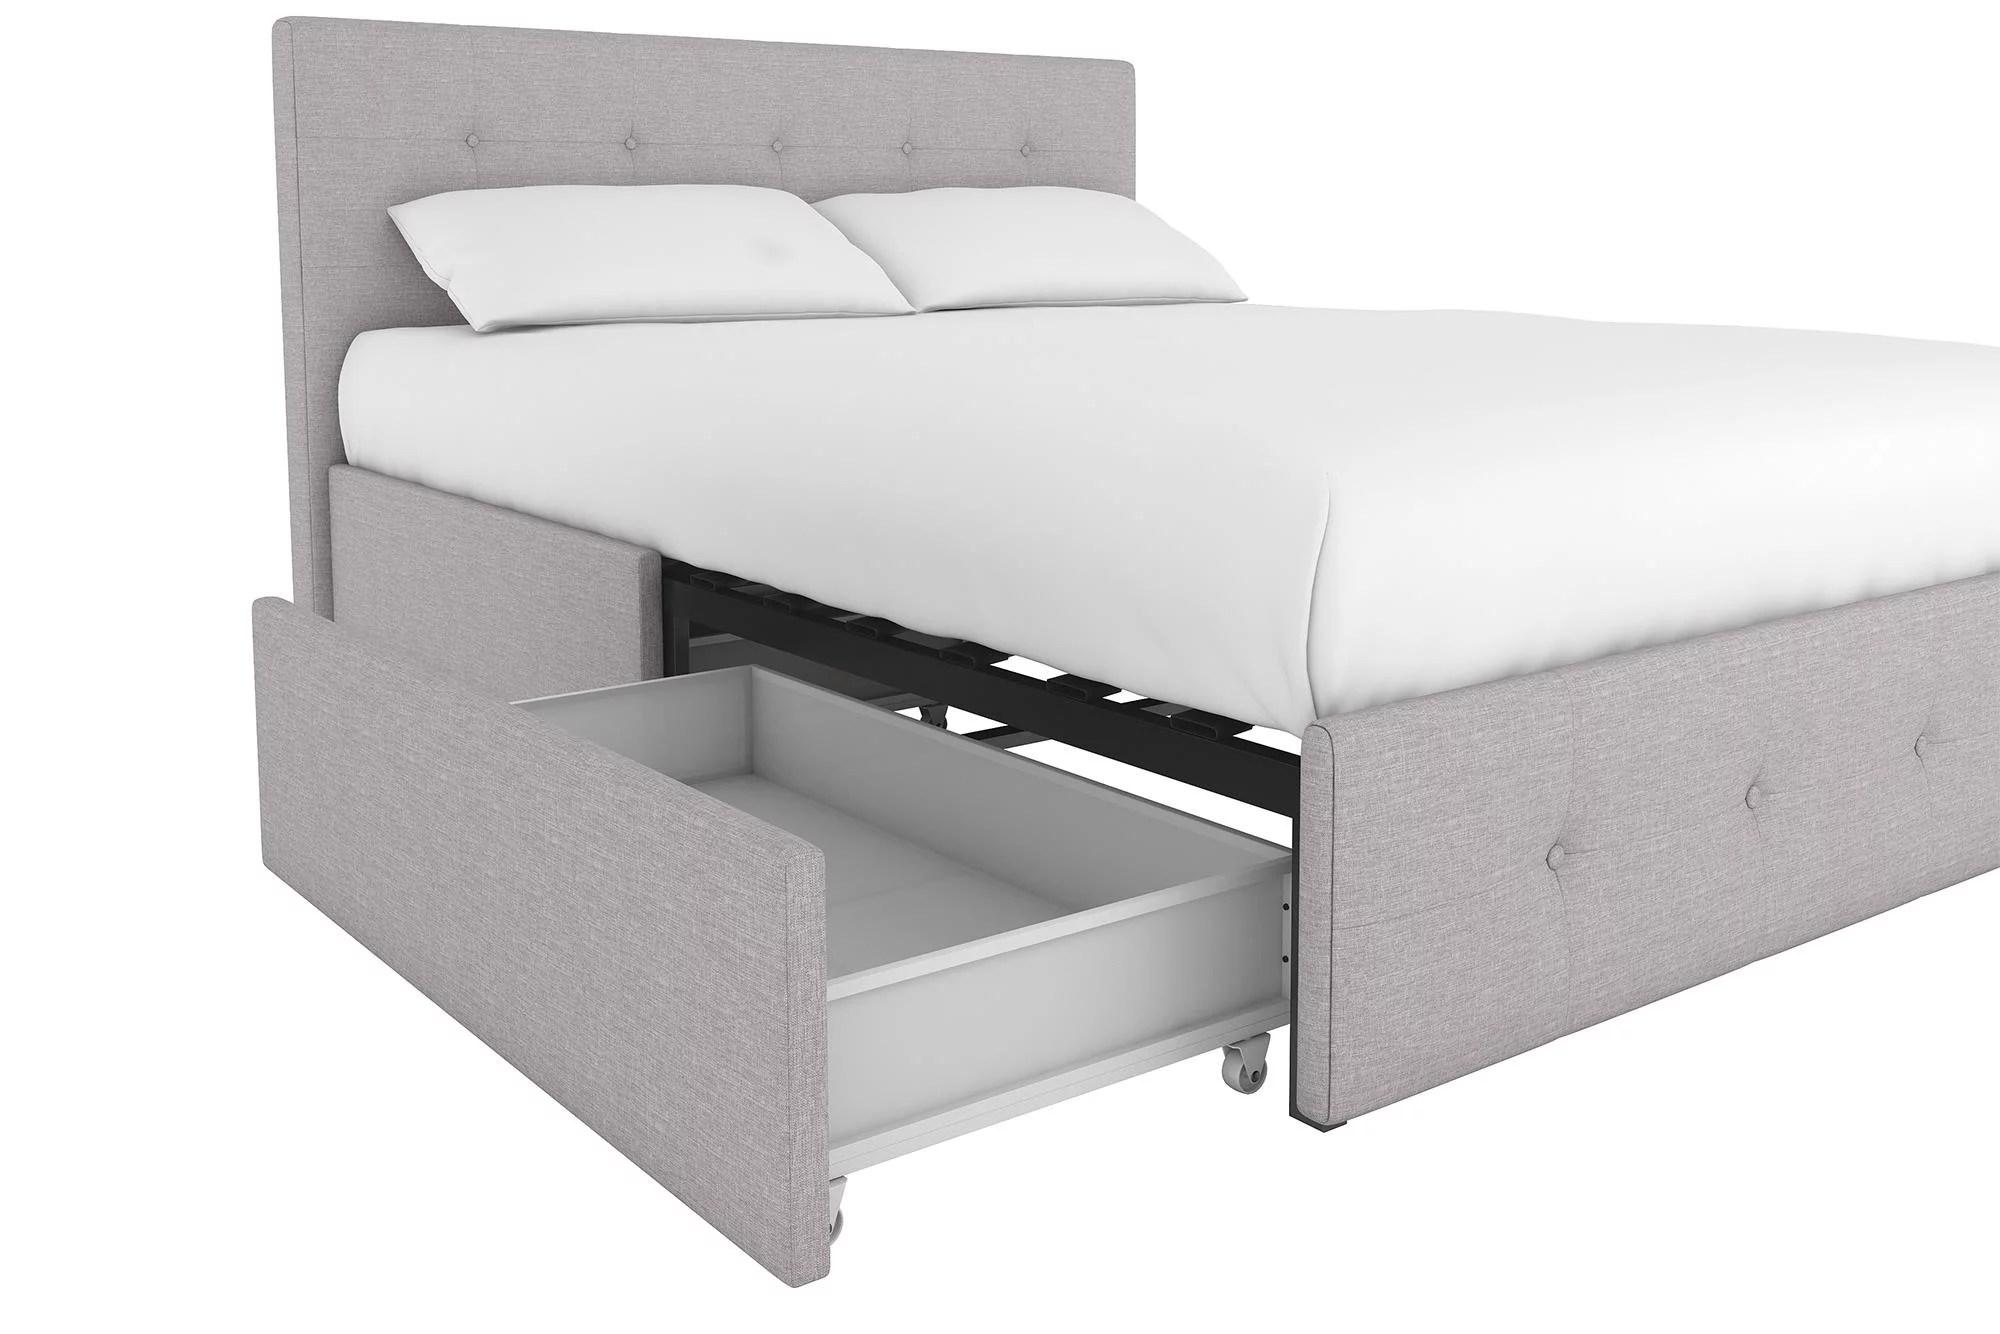 DHP Rose Upholstered Platform Bed With Under Bed Storage